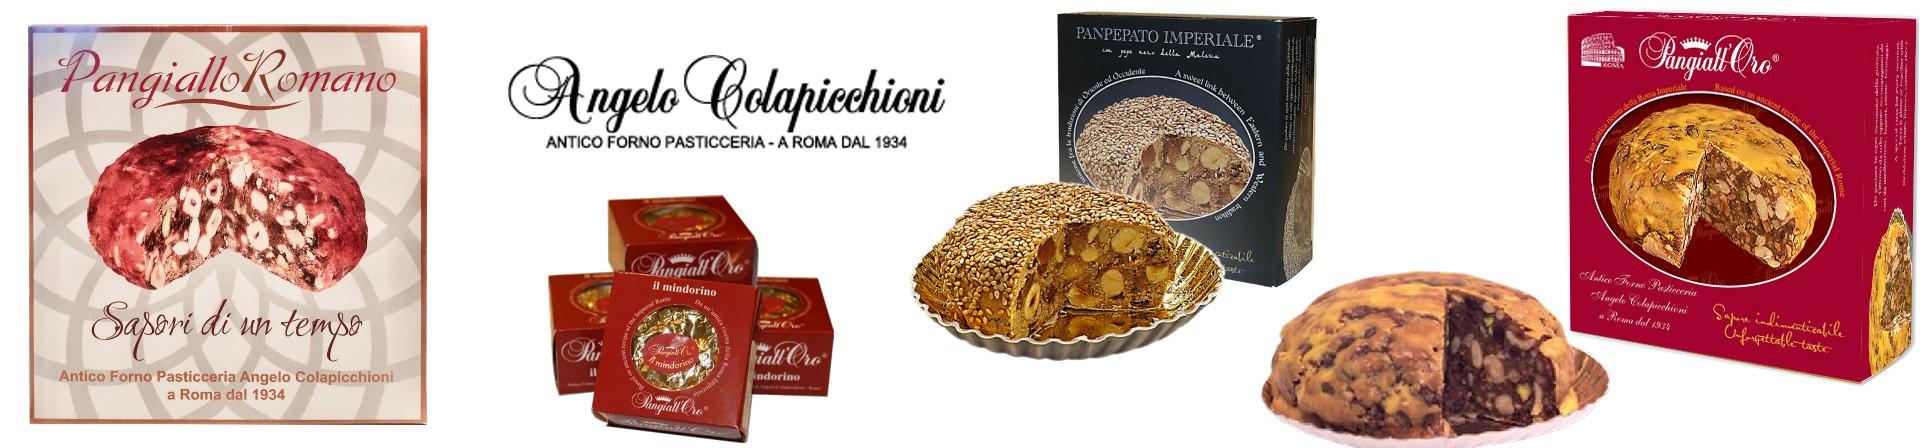 vendita online dolci da forno pangiallo romano vendita online - ANTICO FORNO COLAPICCHIONI